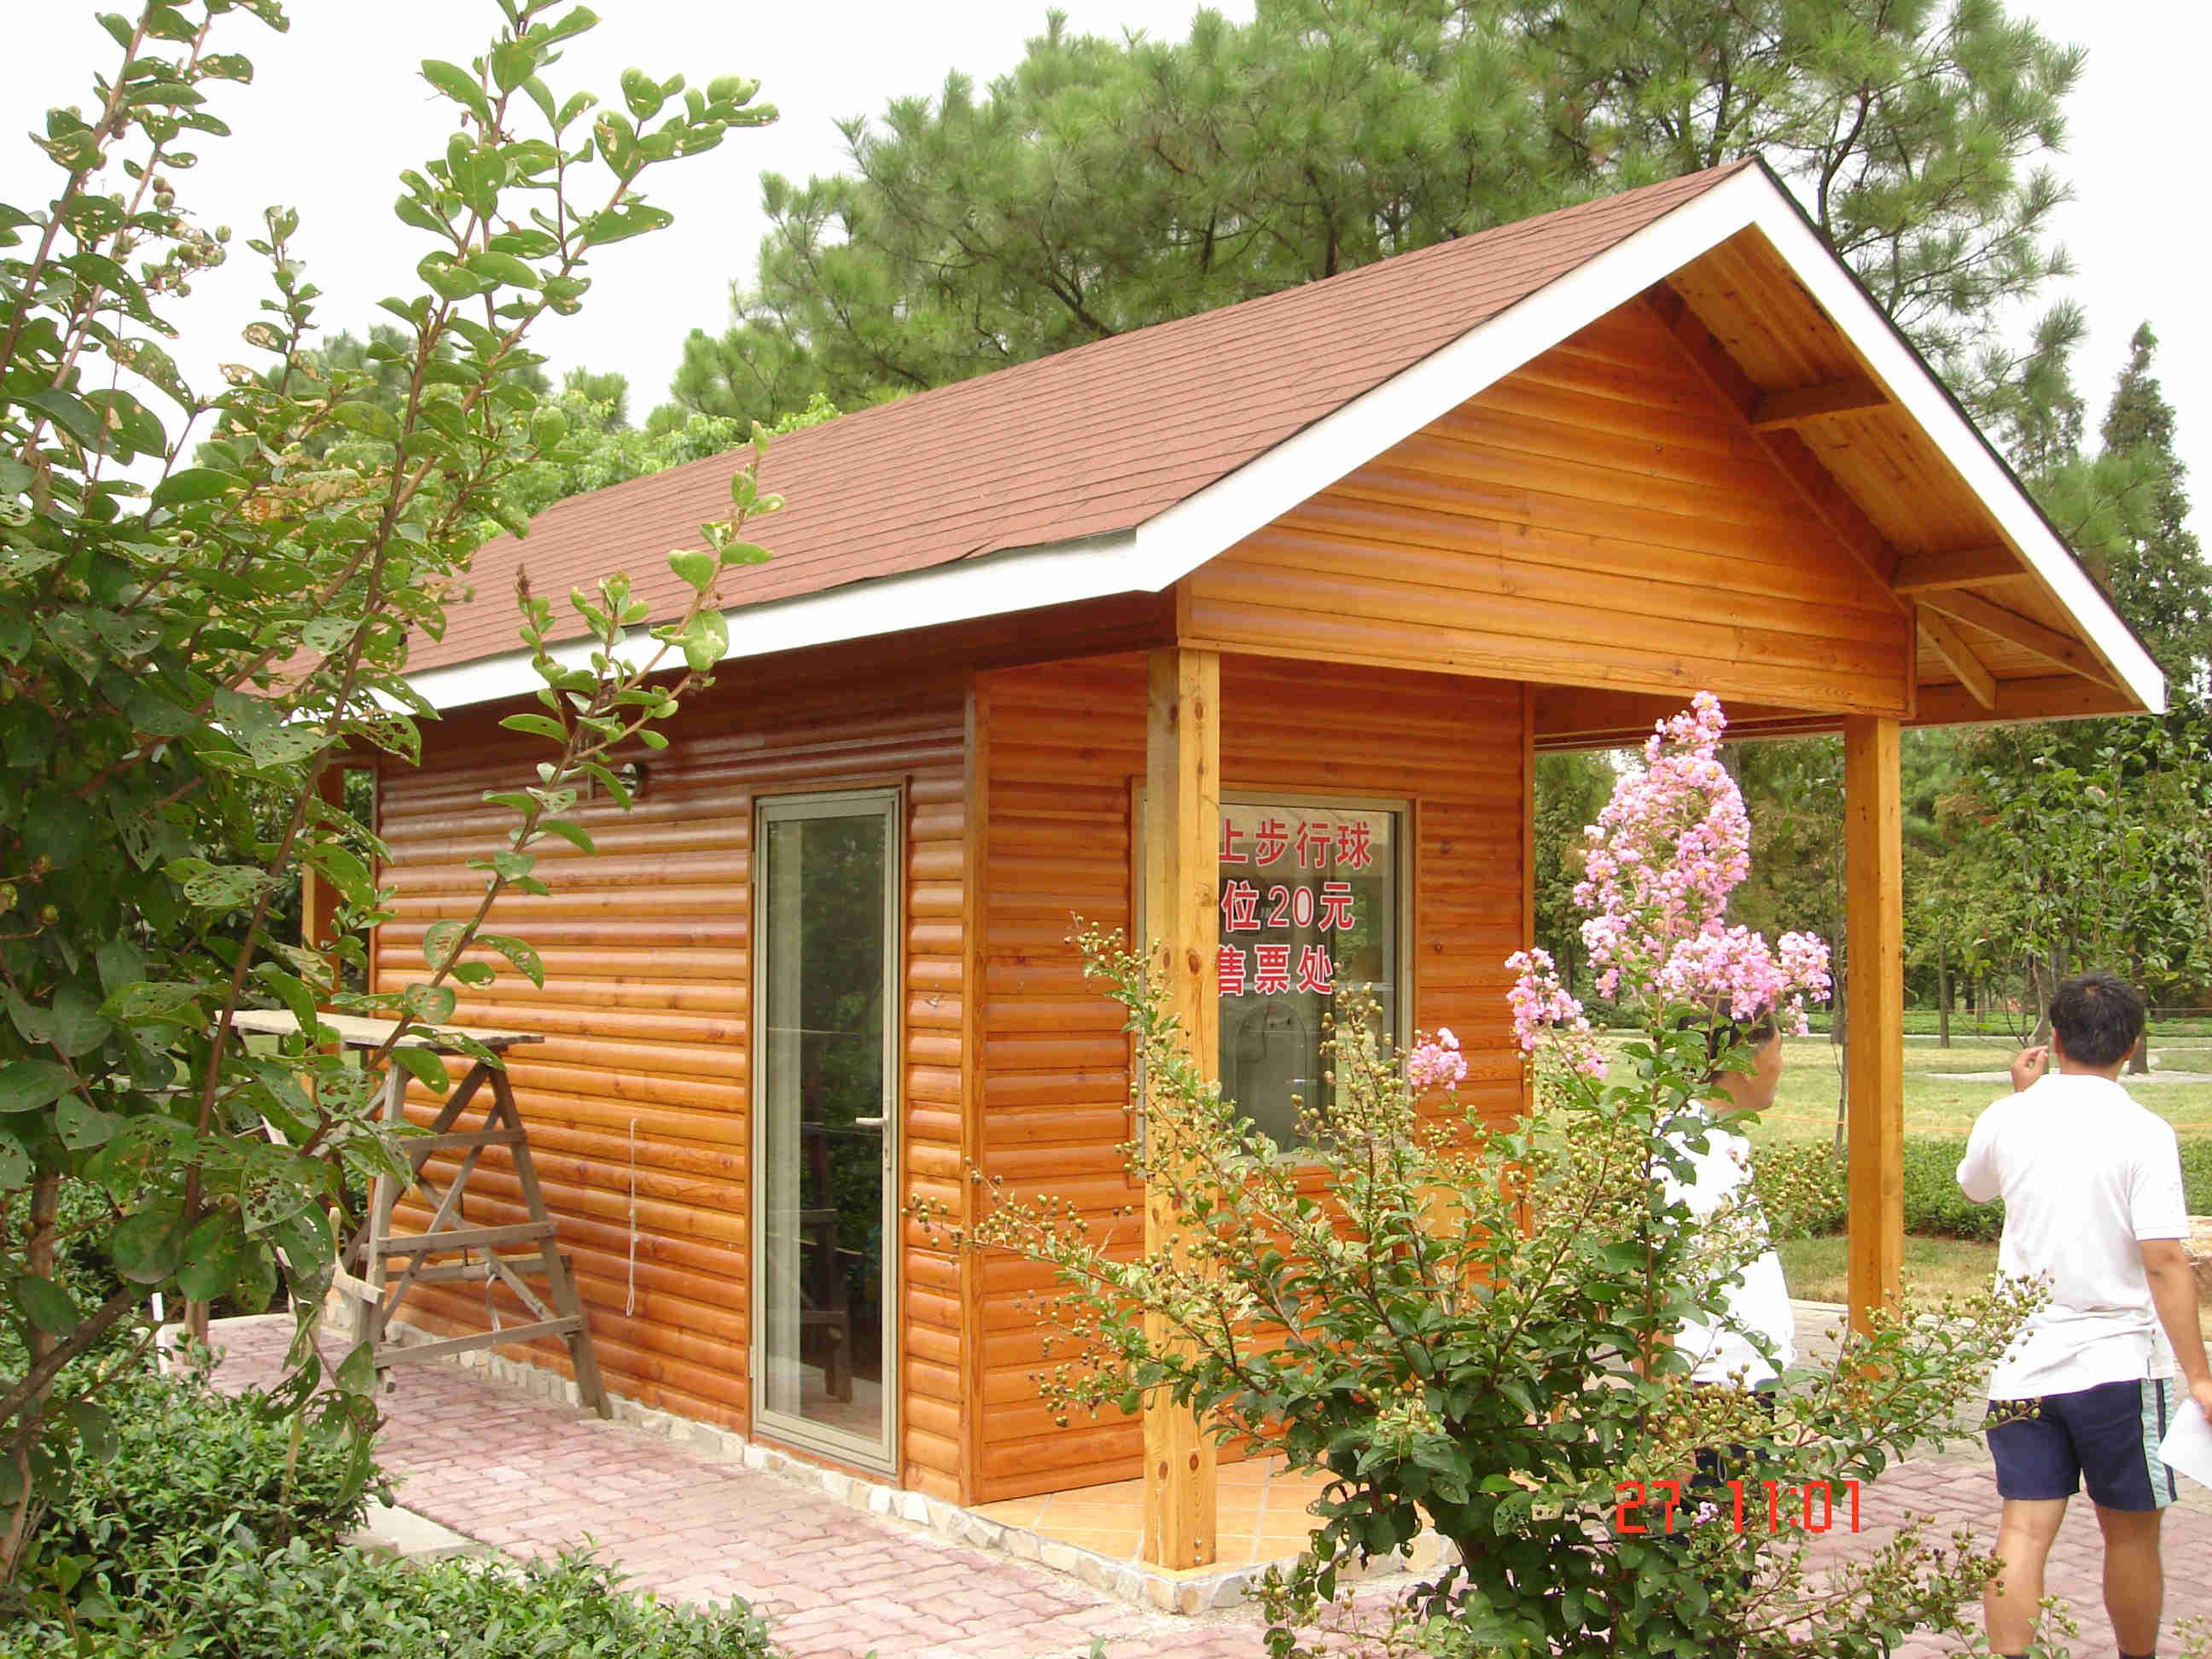 公司名称: 江苏一鸣木结构房屋系统有限公司 所在地区:江苏 &